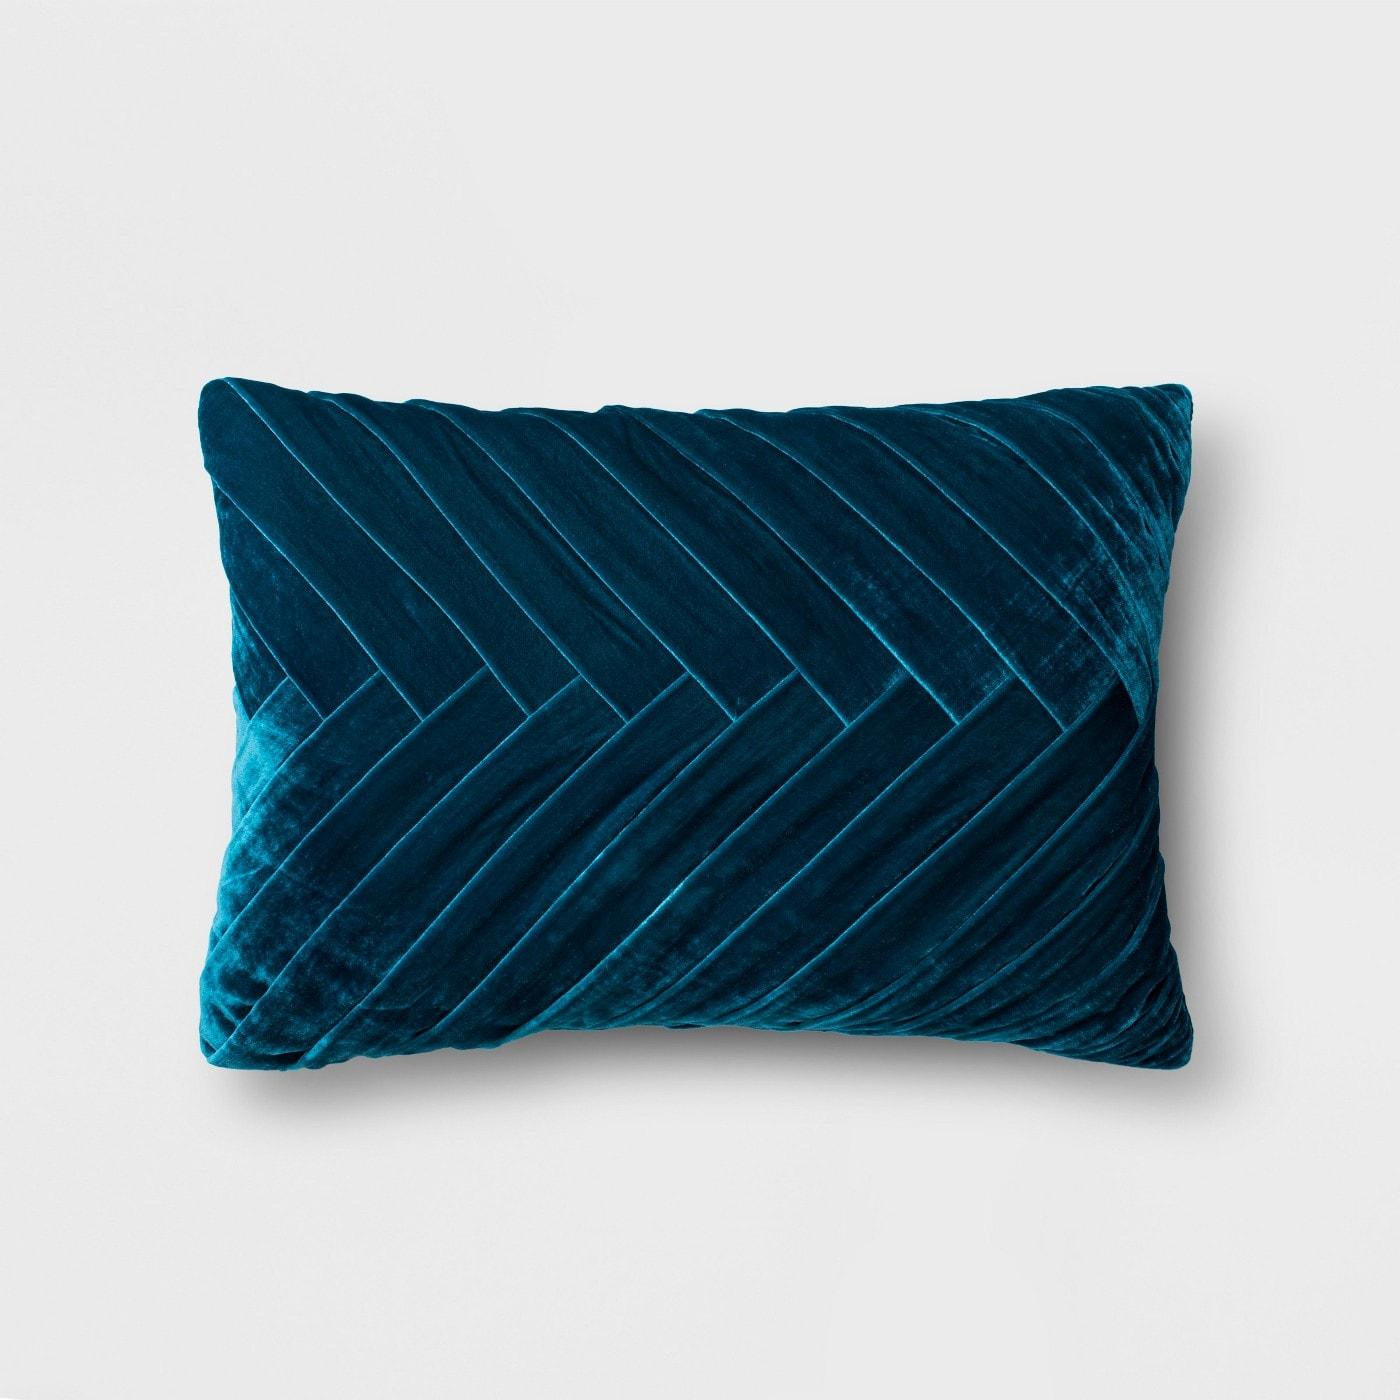 Opalhouse velvet pillow